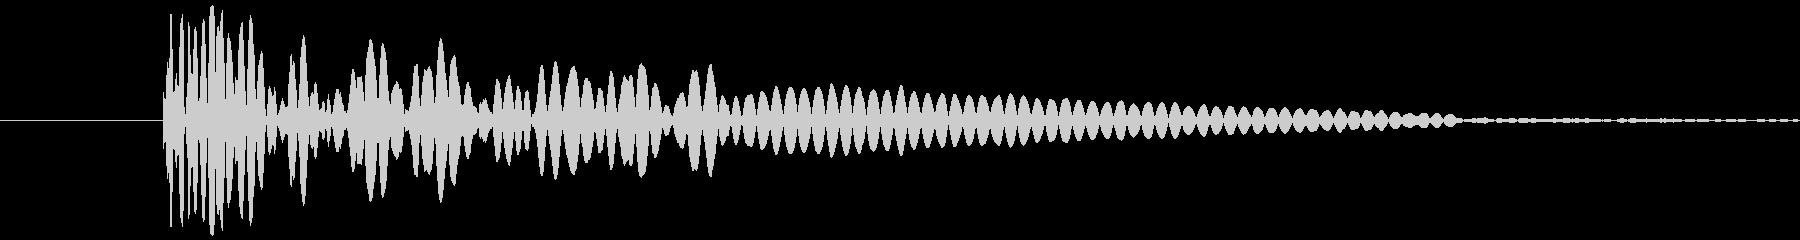 ドン(花火が打ち上がる時、爆発音)の未再生の波形